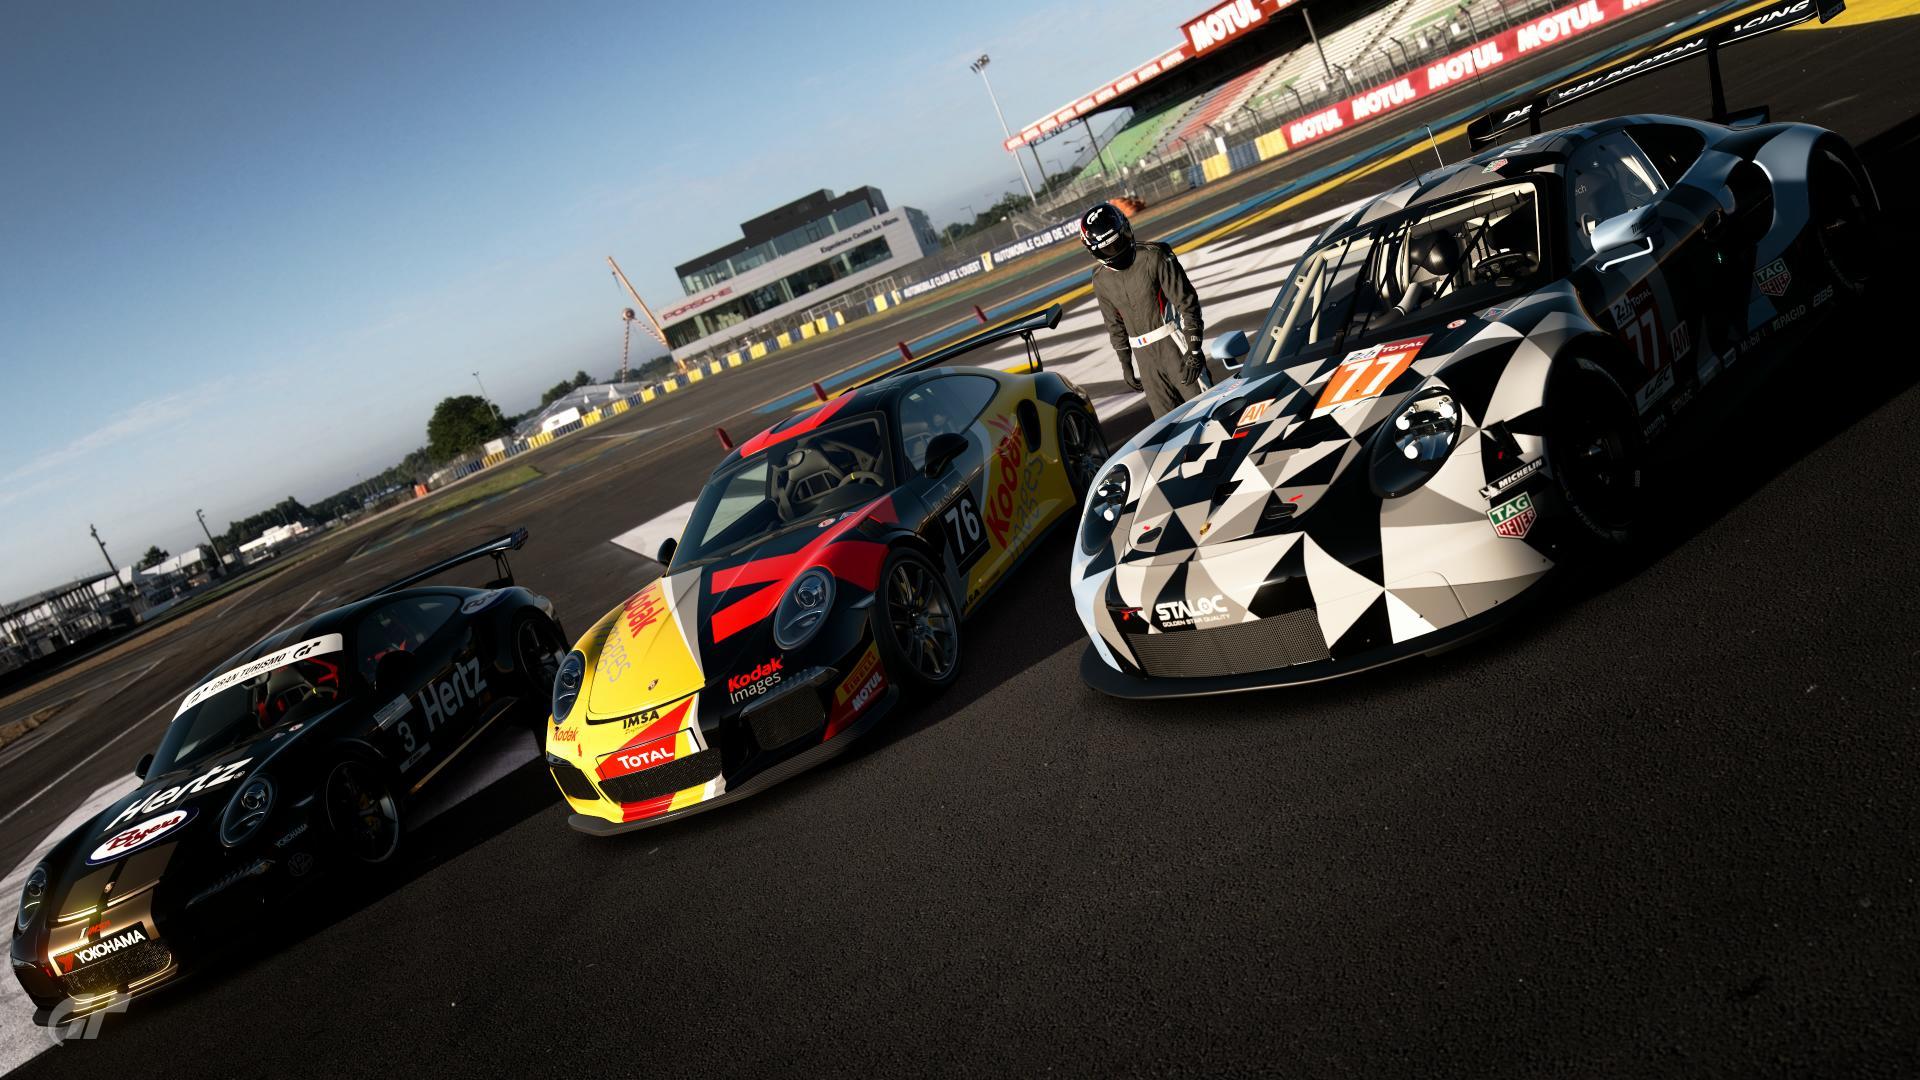 Gran Turismo (sport et les autres aussi) - Page 2 5044133853015344148_0